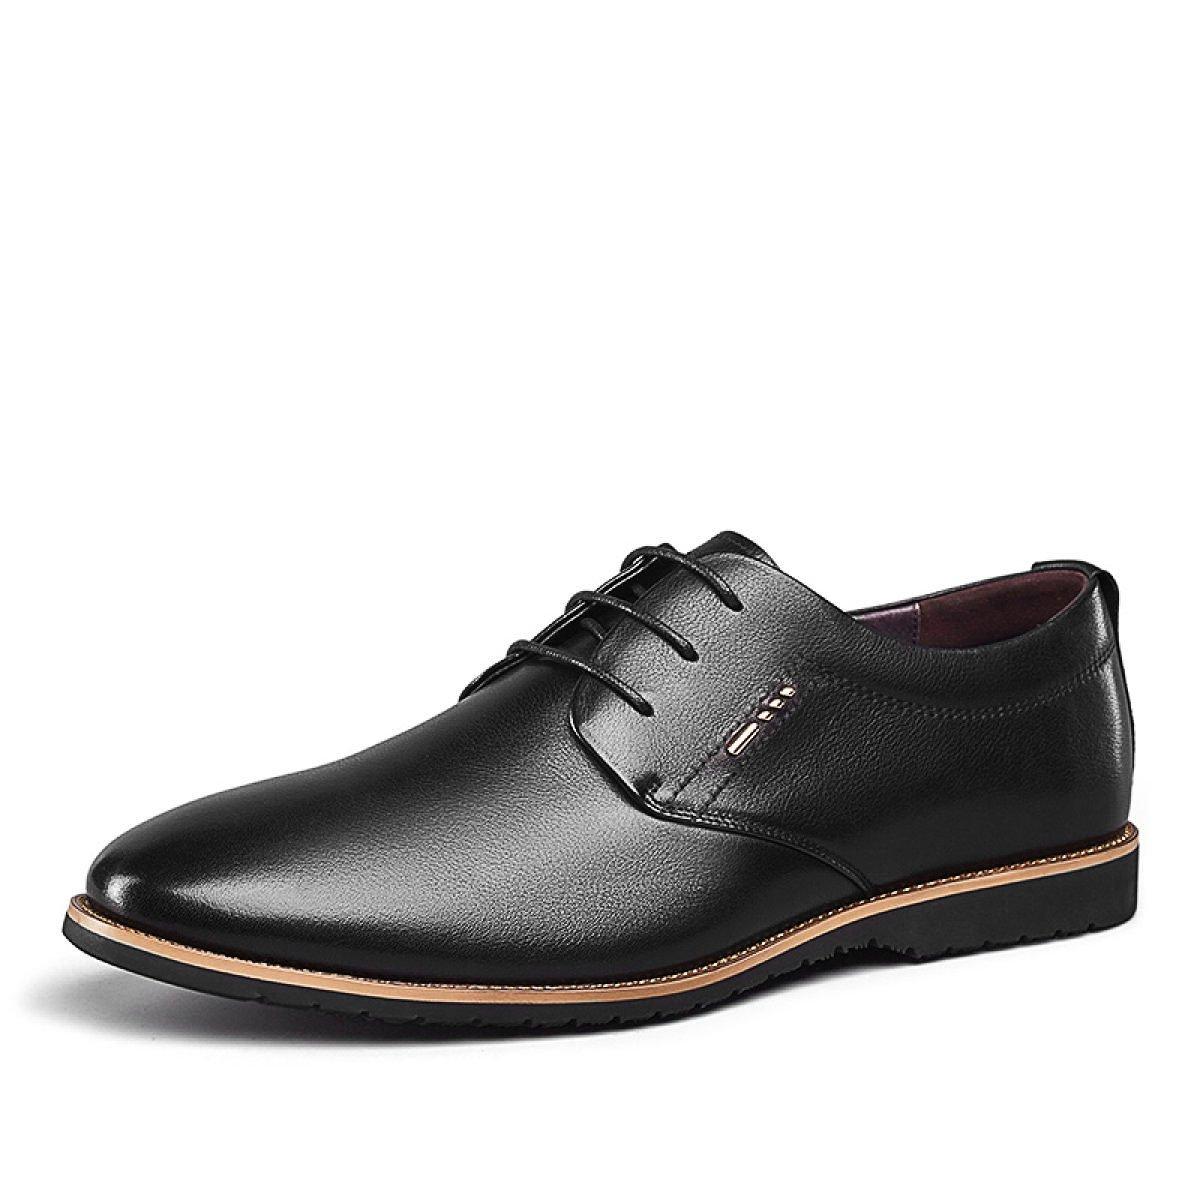 MUYII Herren Oxfords Leder Kleid Schuhe Casual Lace Up Herren Rutschfeste Bequeme Schuhe Formale Geschäft-Schuhe für Männer